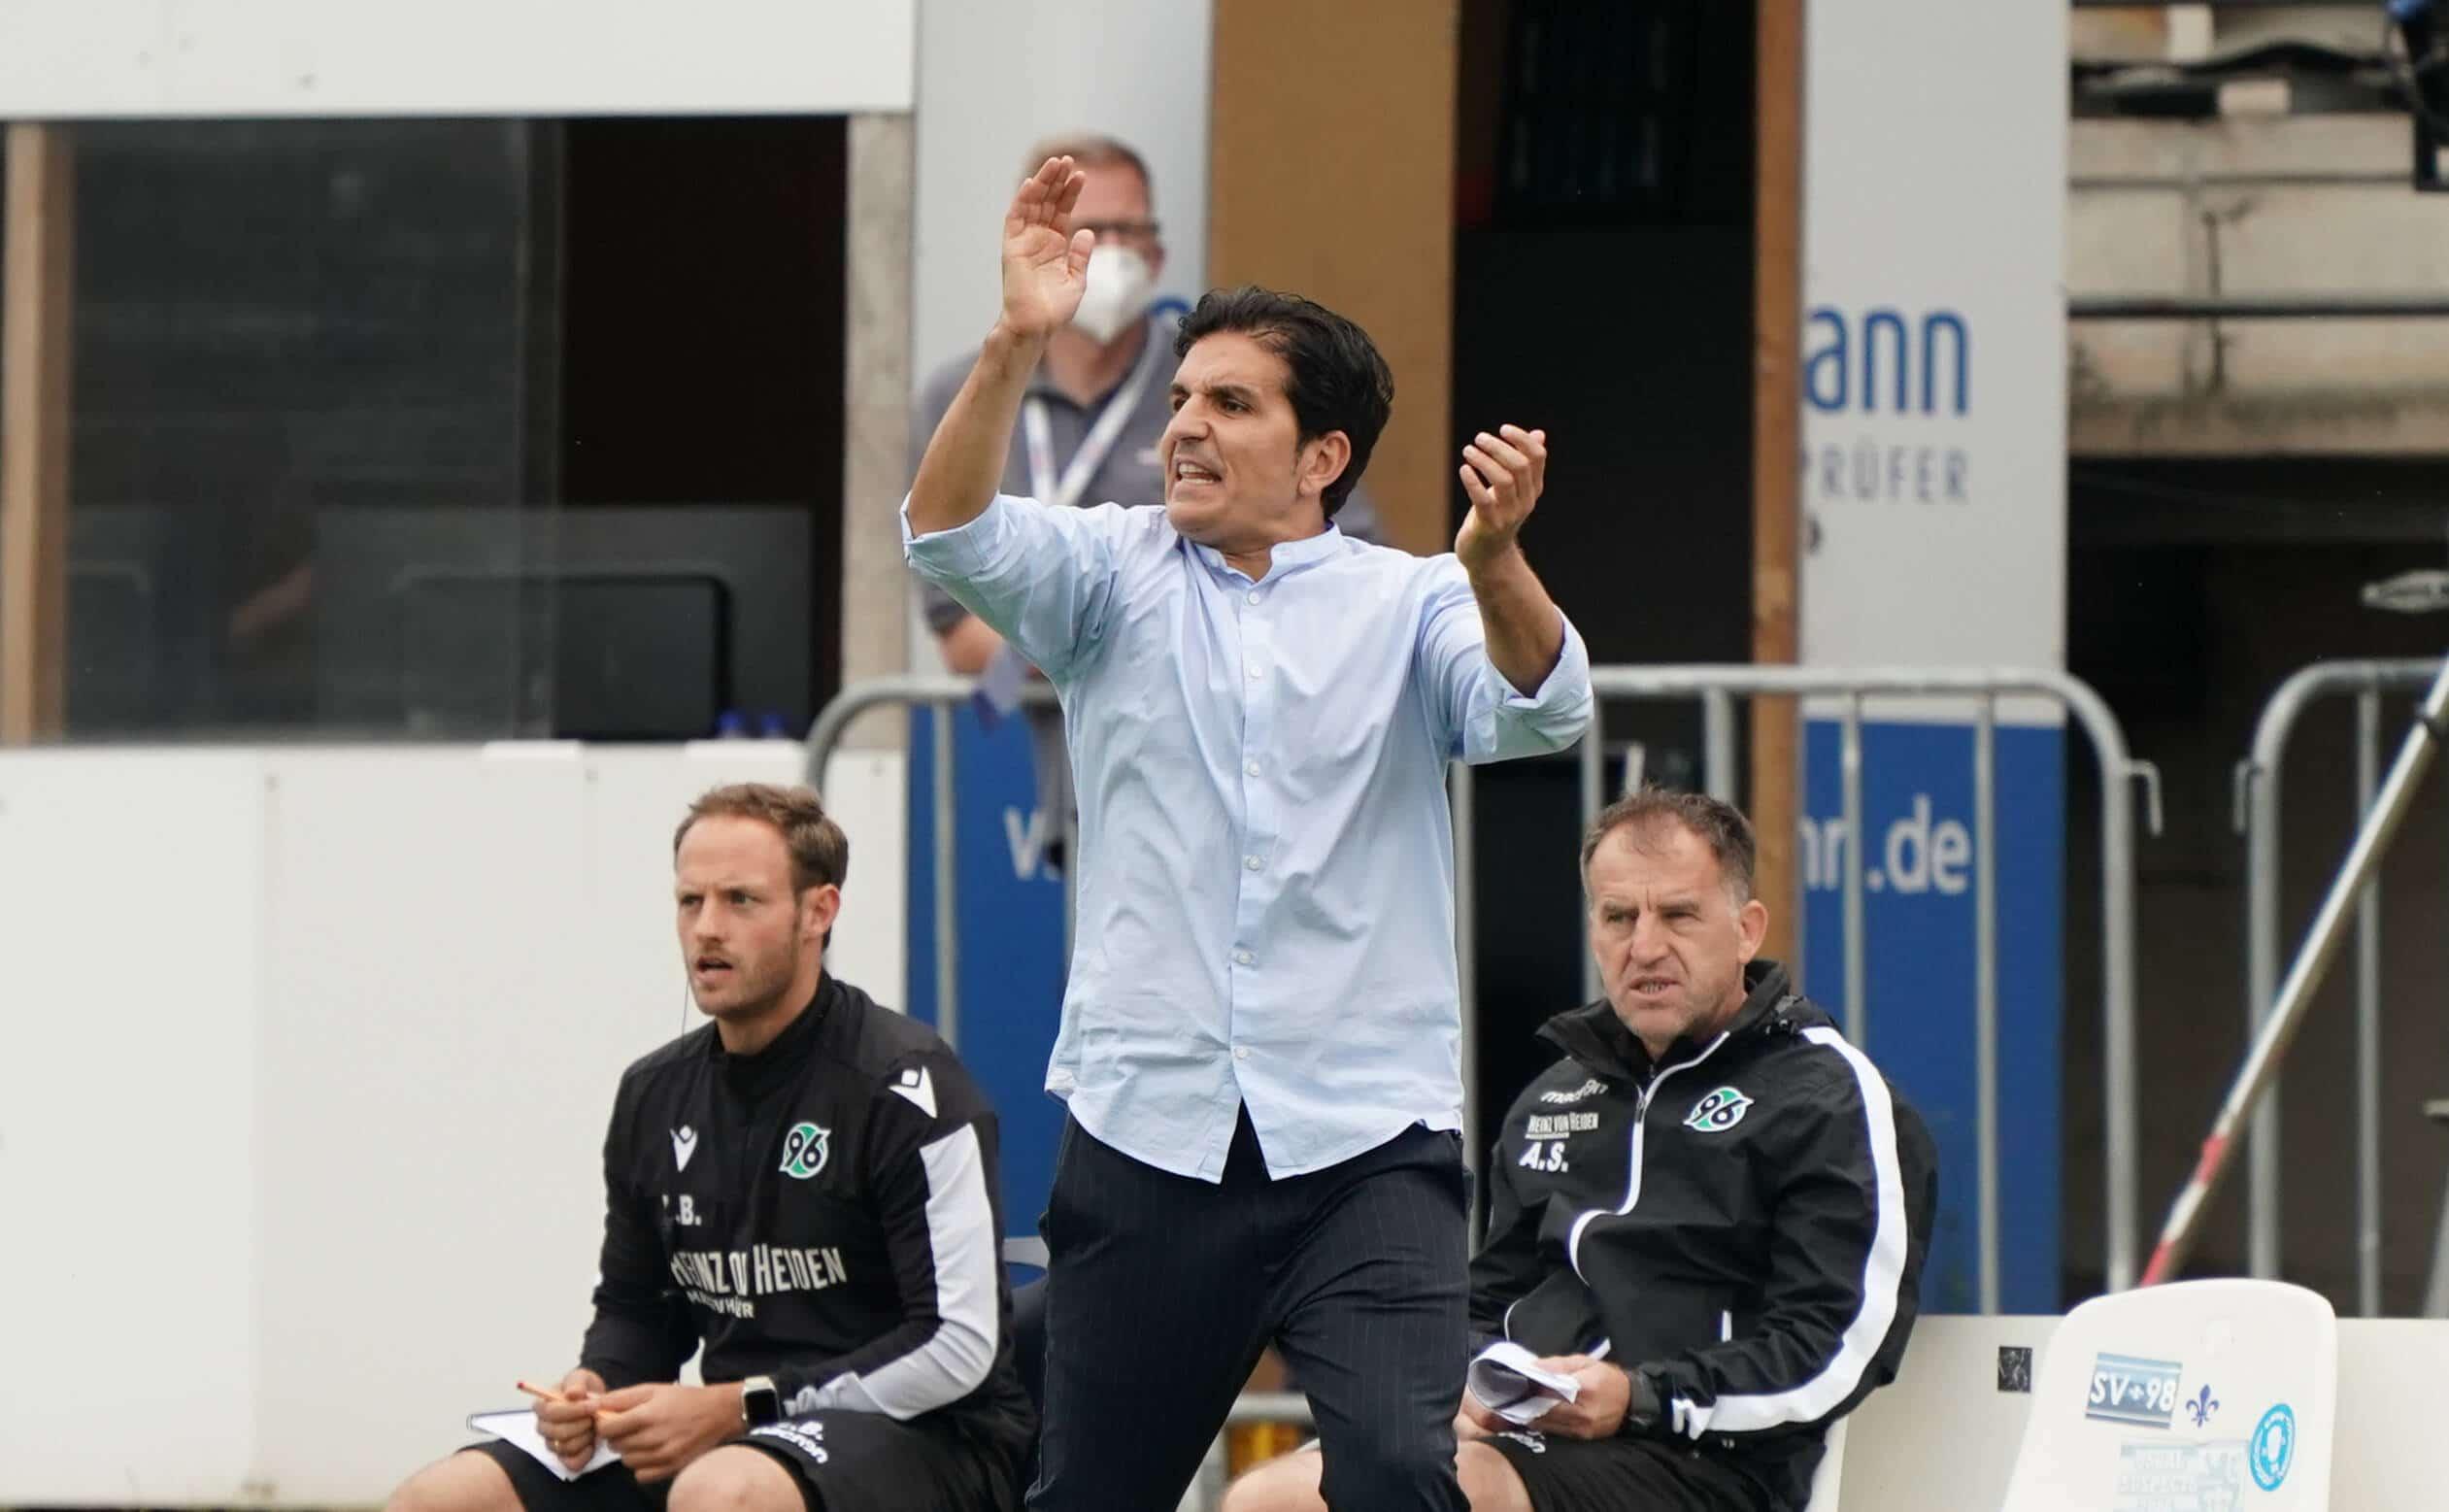 Trainer Kenan Kocak (Hannover 96) regt sich auf – 14.06.2020: Fussball 2. Bundesliga, Saison 19/20, Spieltag 31, SV Darm